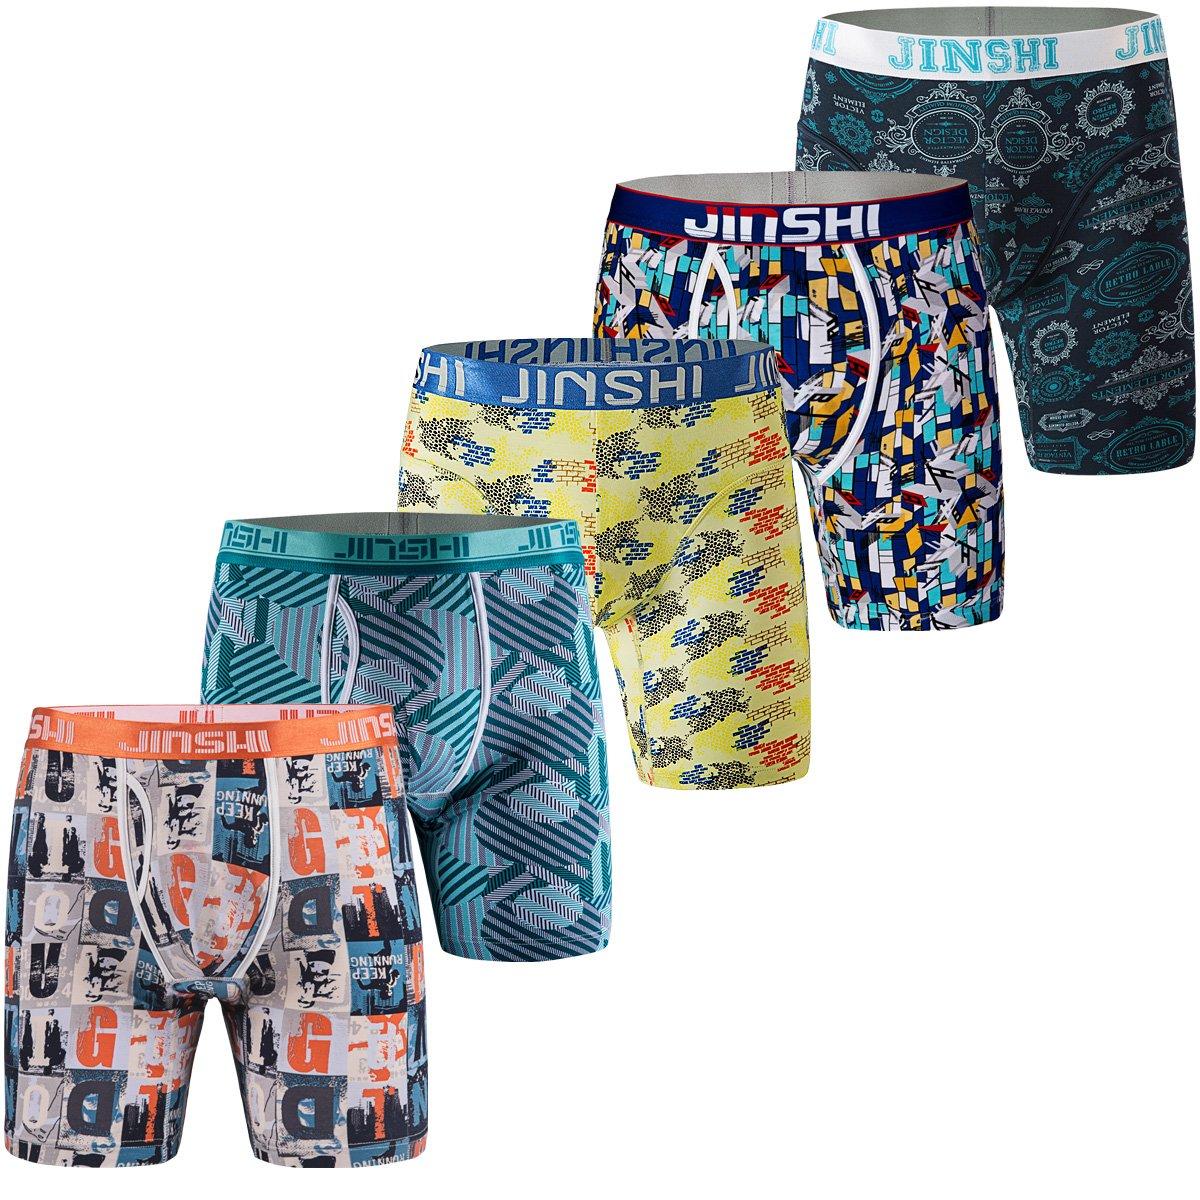 JINSHI Men's Underwear Long Leg Boxer Briefs ZHJSYHL-Series